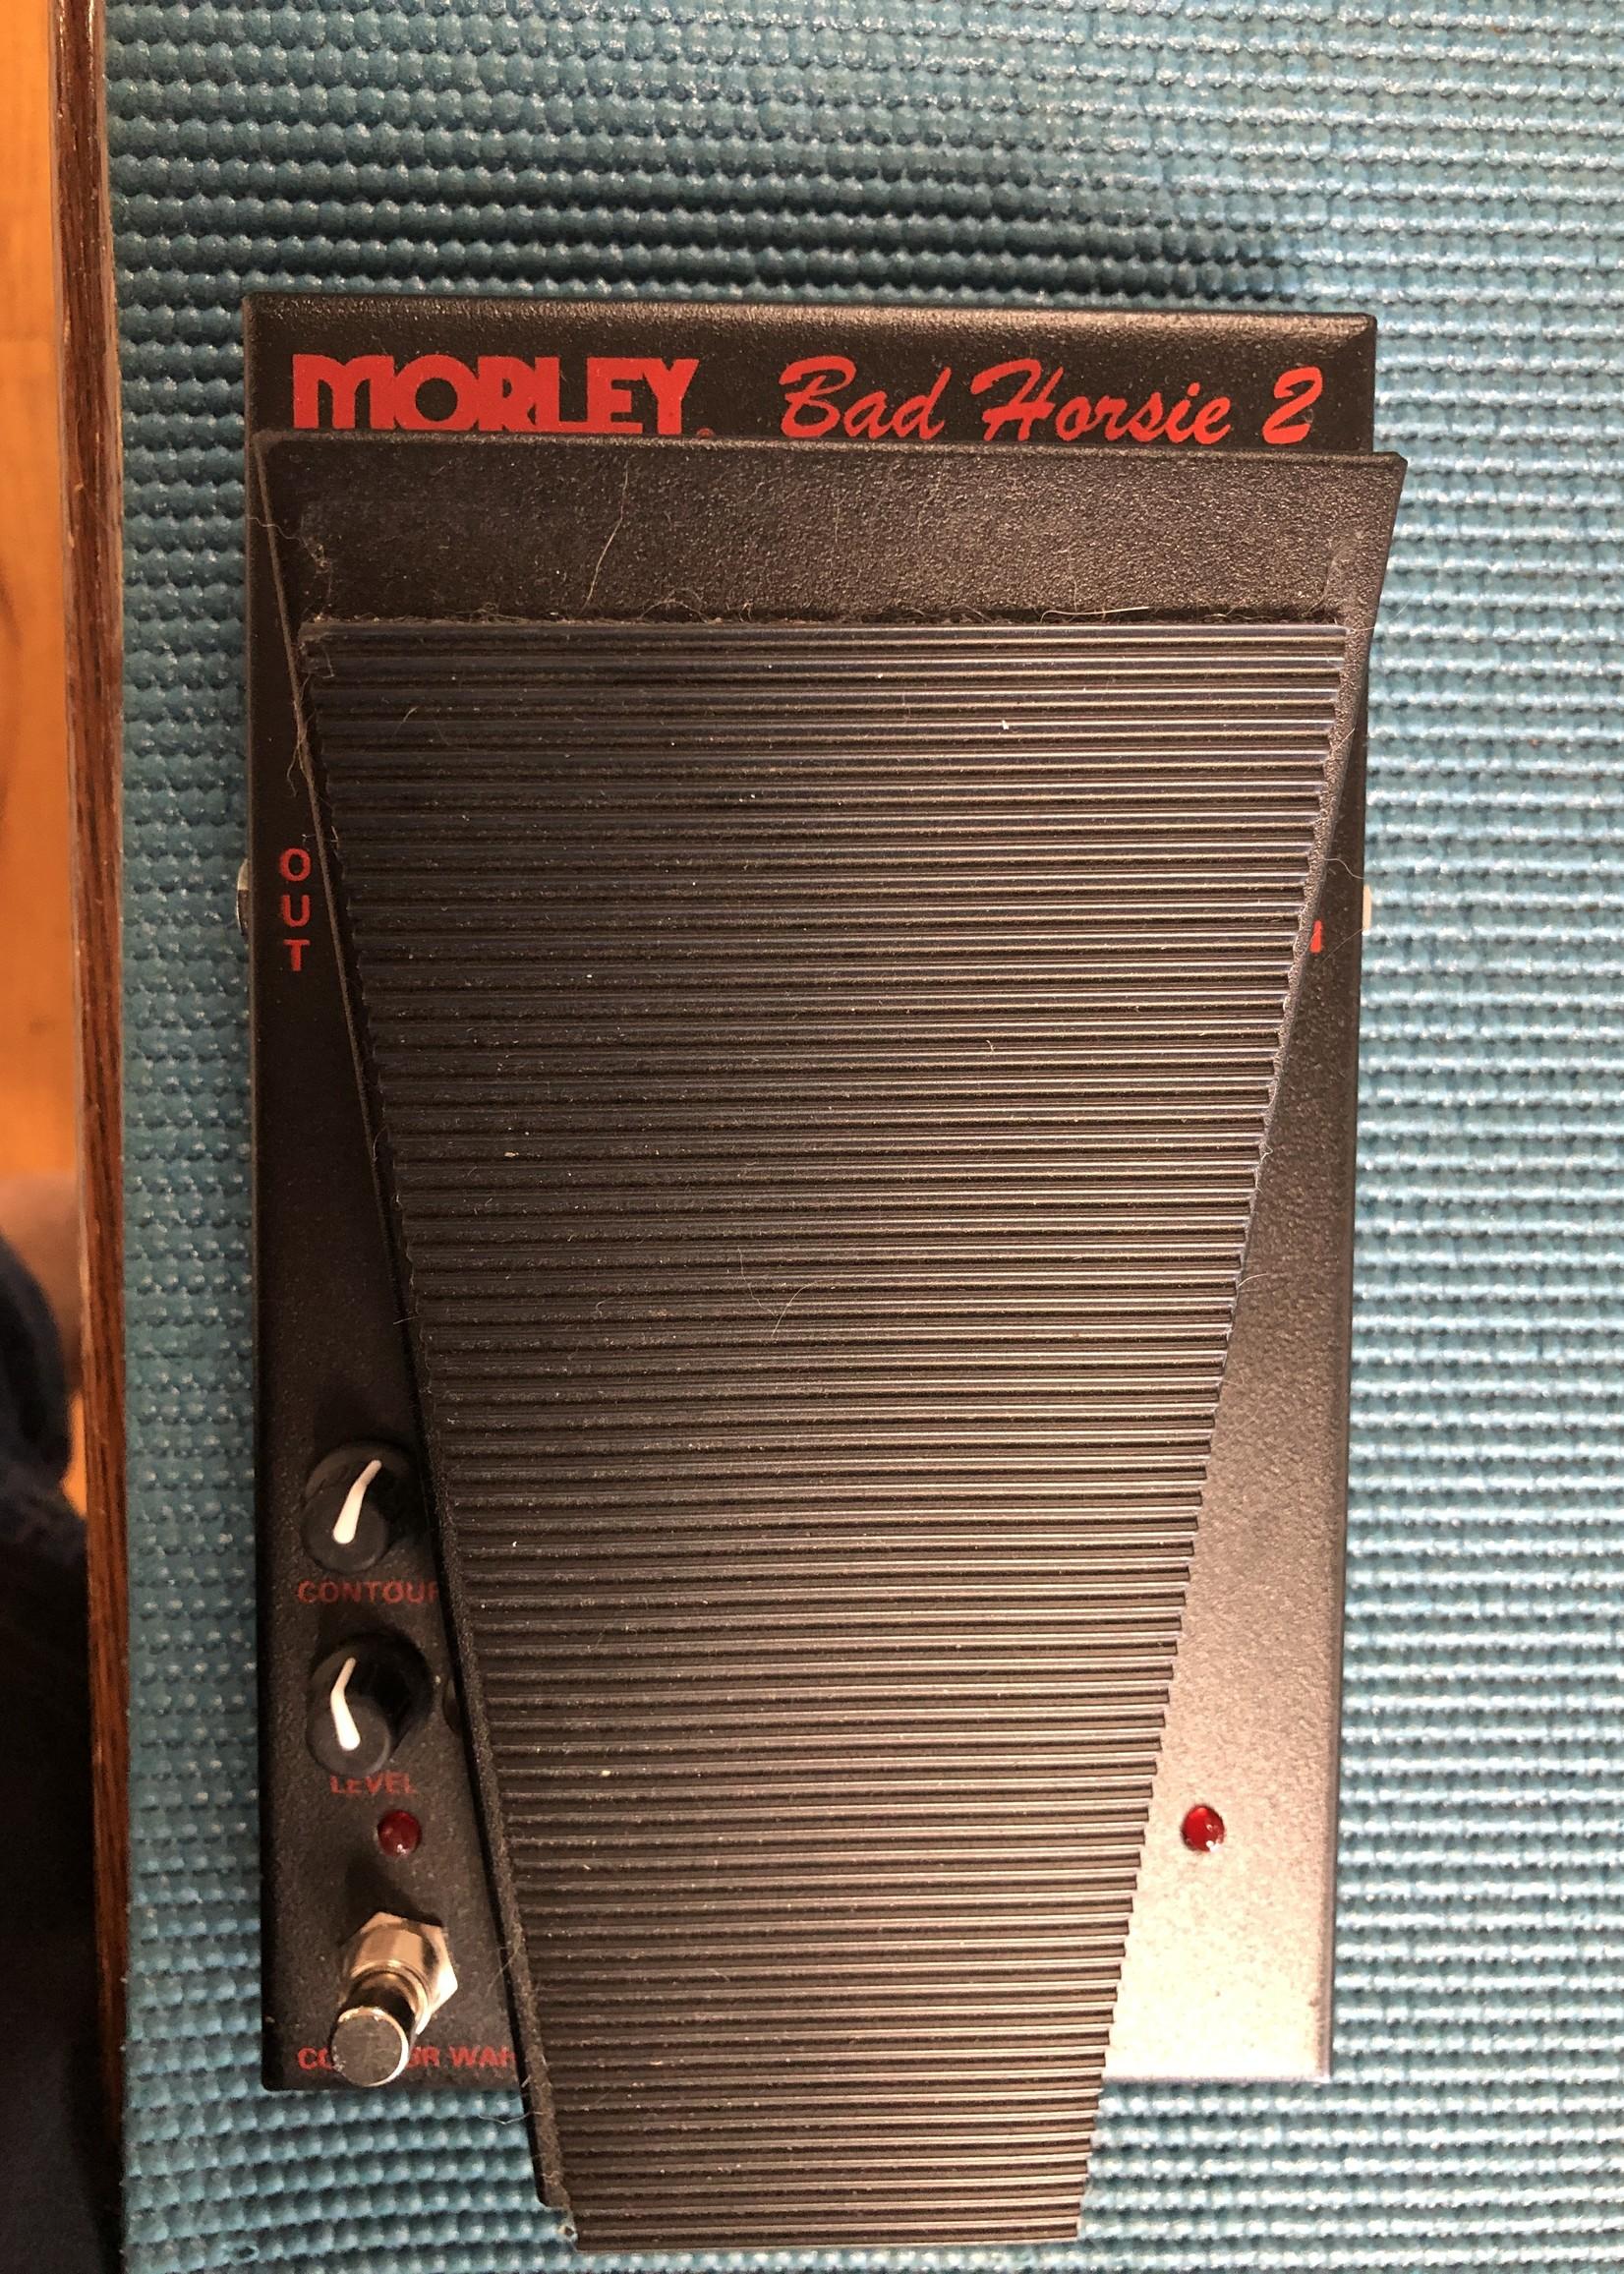 Morley Bad Horsie 2 wah (con) SW